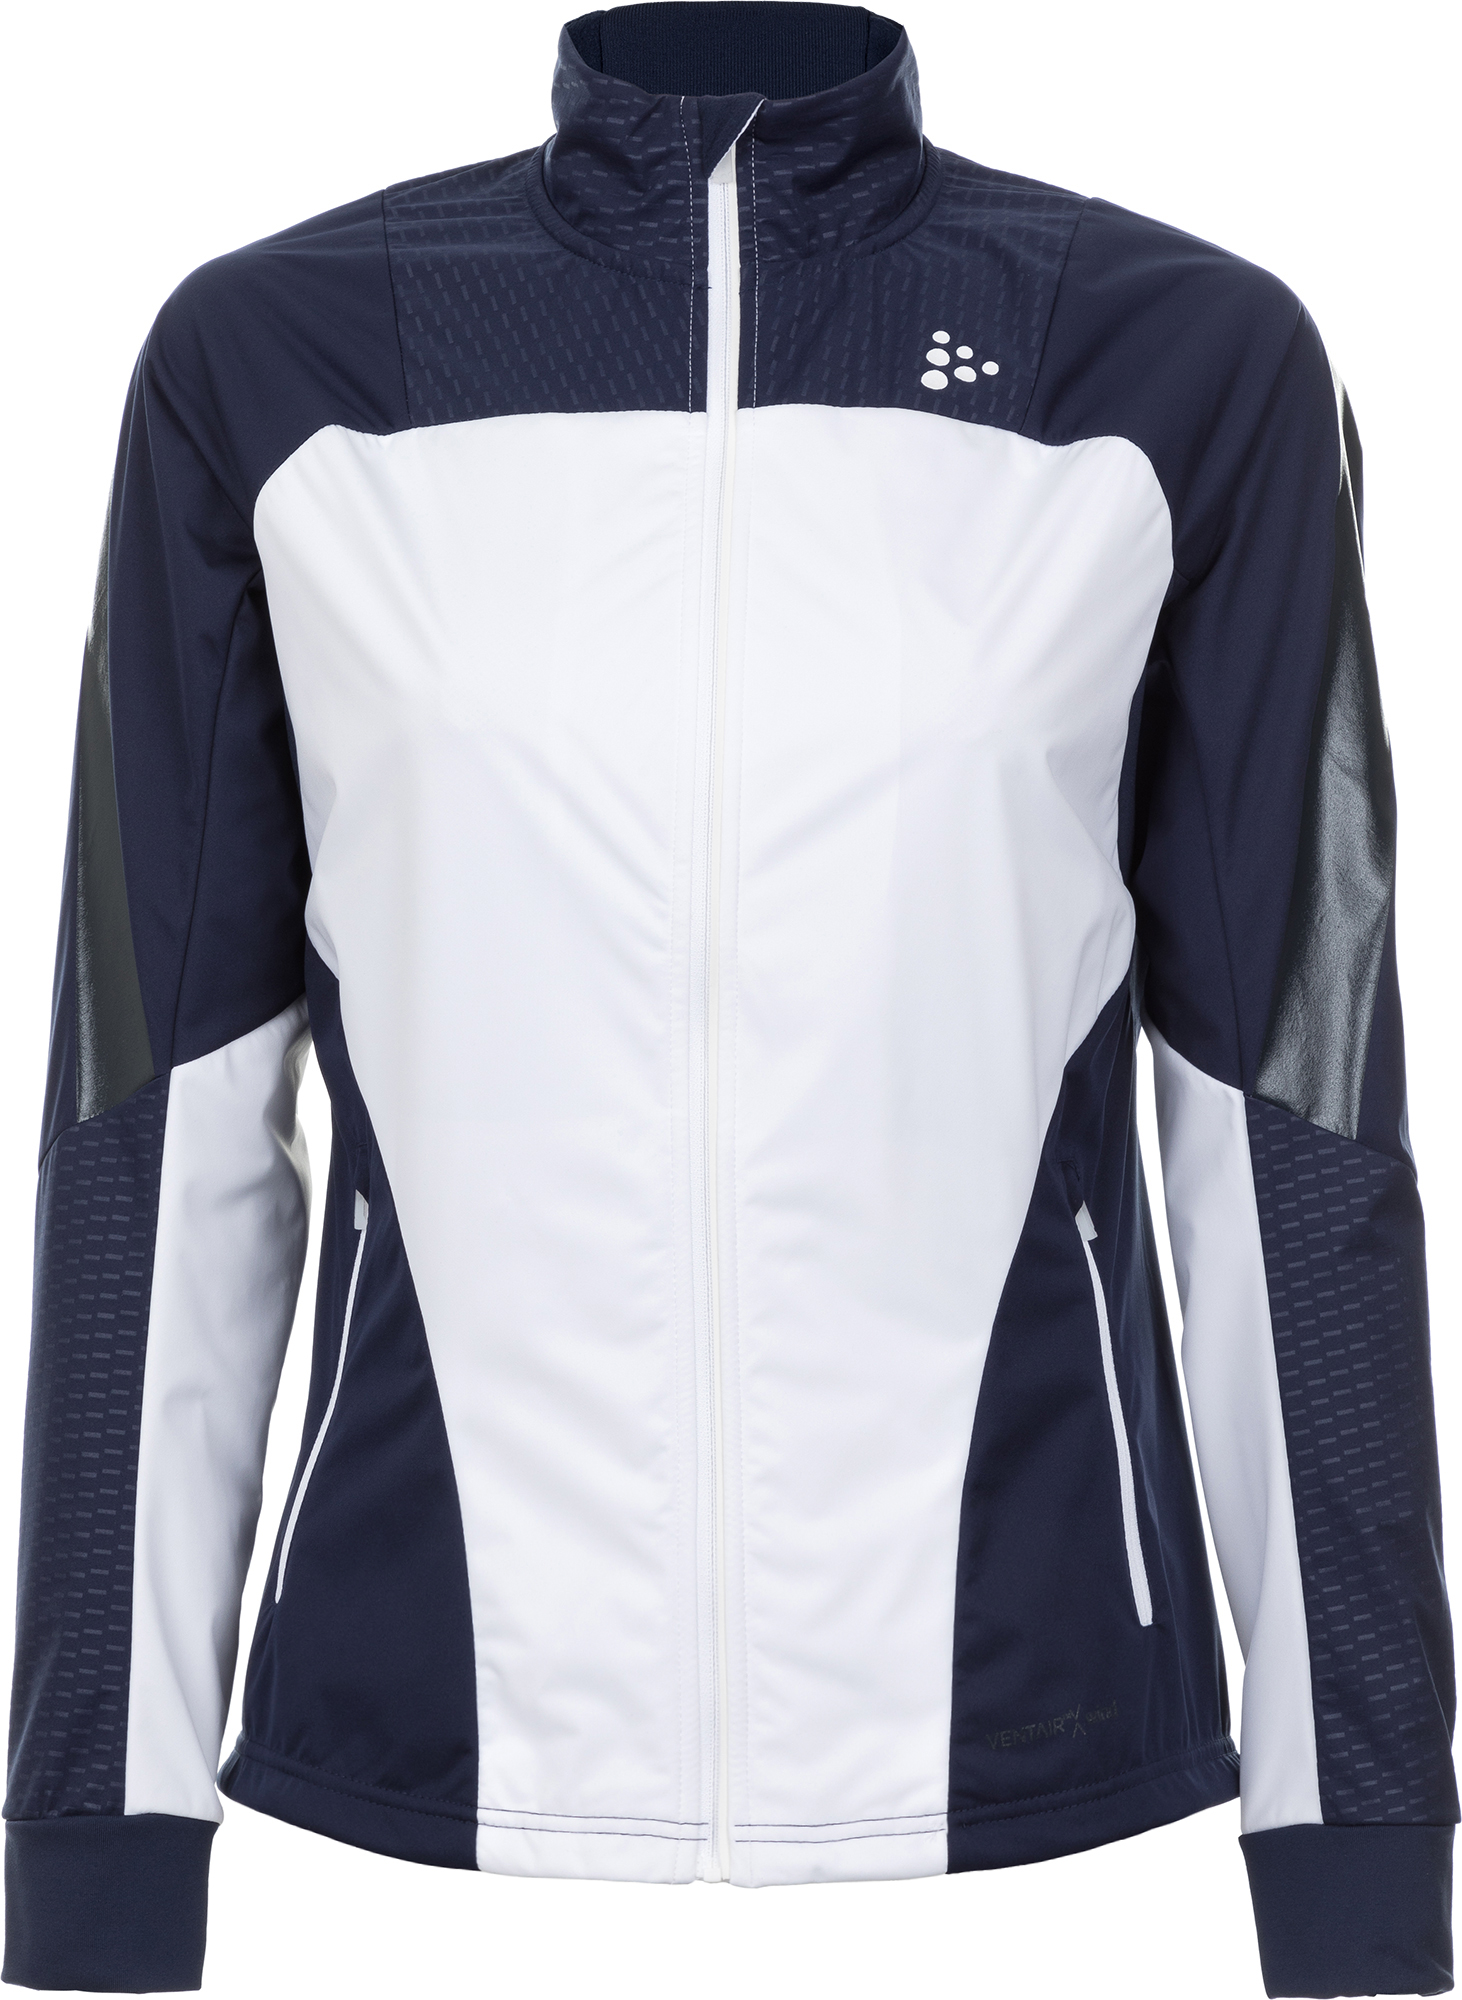 Фото - Craft Куртка женская Craft Sharp, размер 44-46 craft куртка мужская craft размер 52